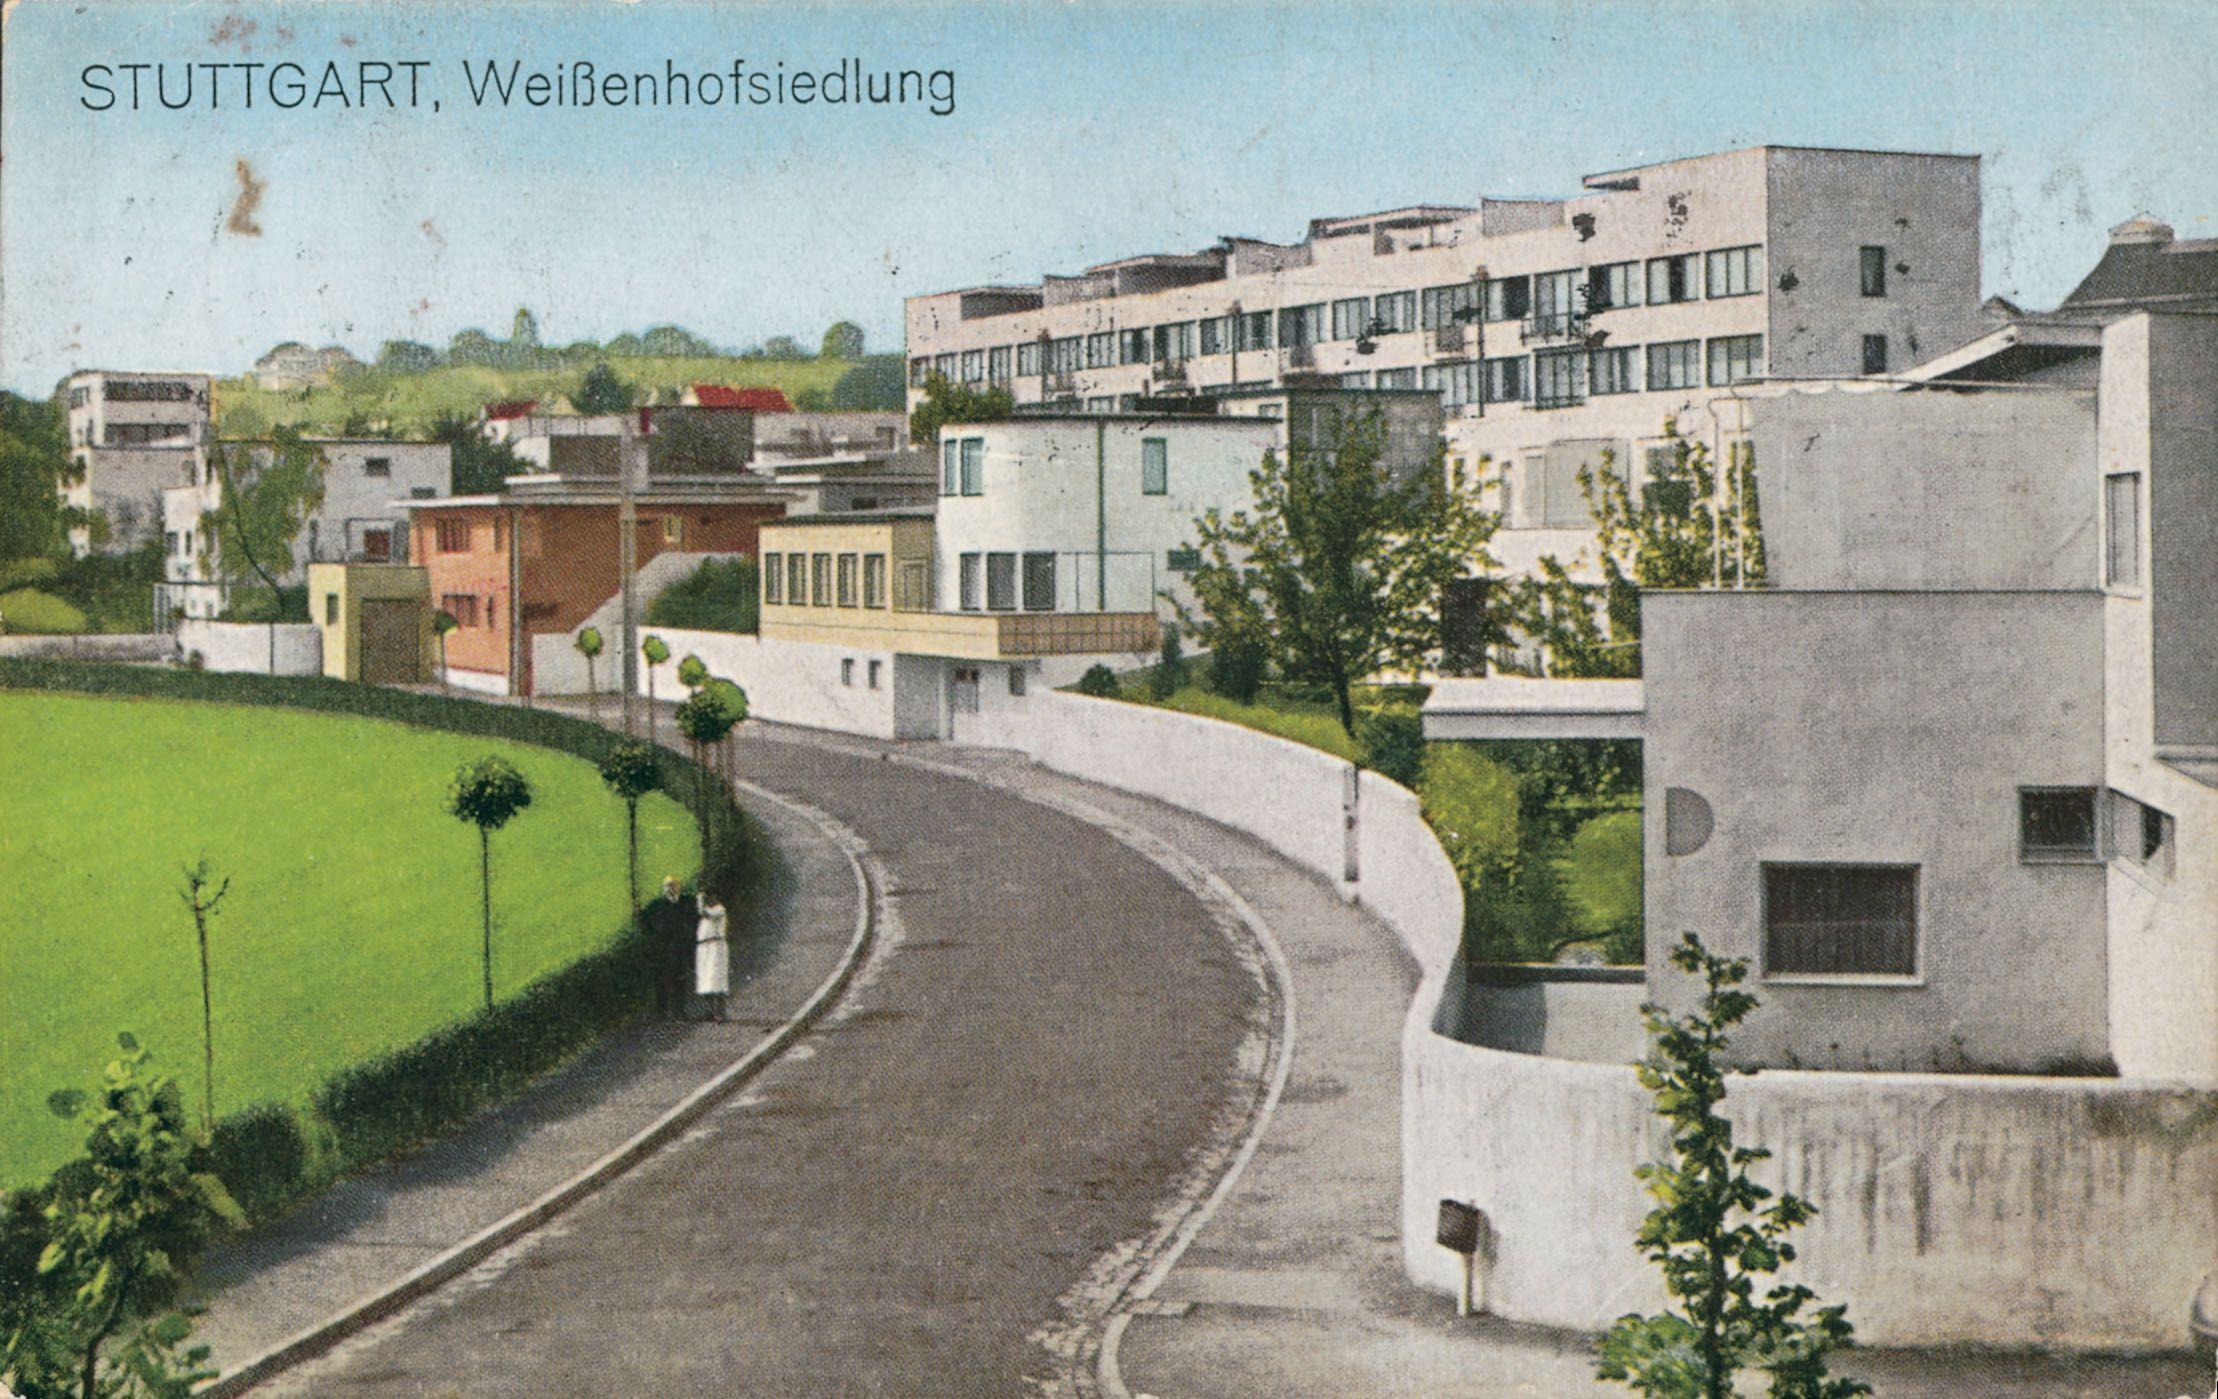 Wei enhofsiedlung stuttgart 1927 fotograf unbekannt for Stuttgart architecture